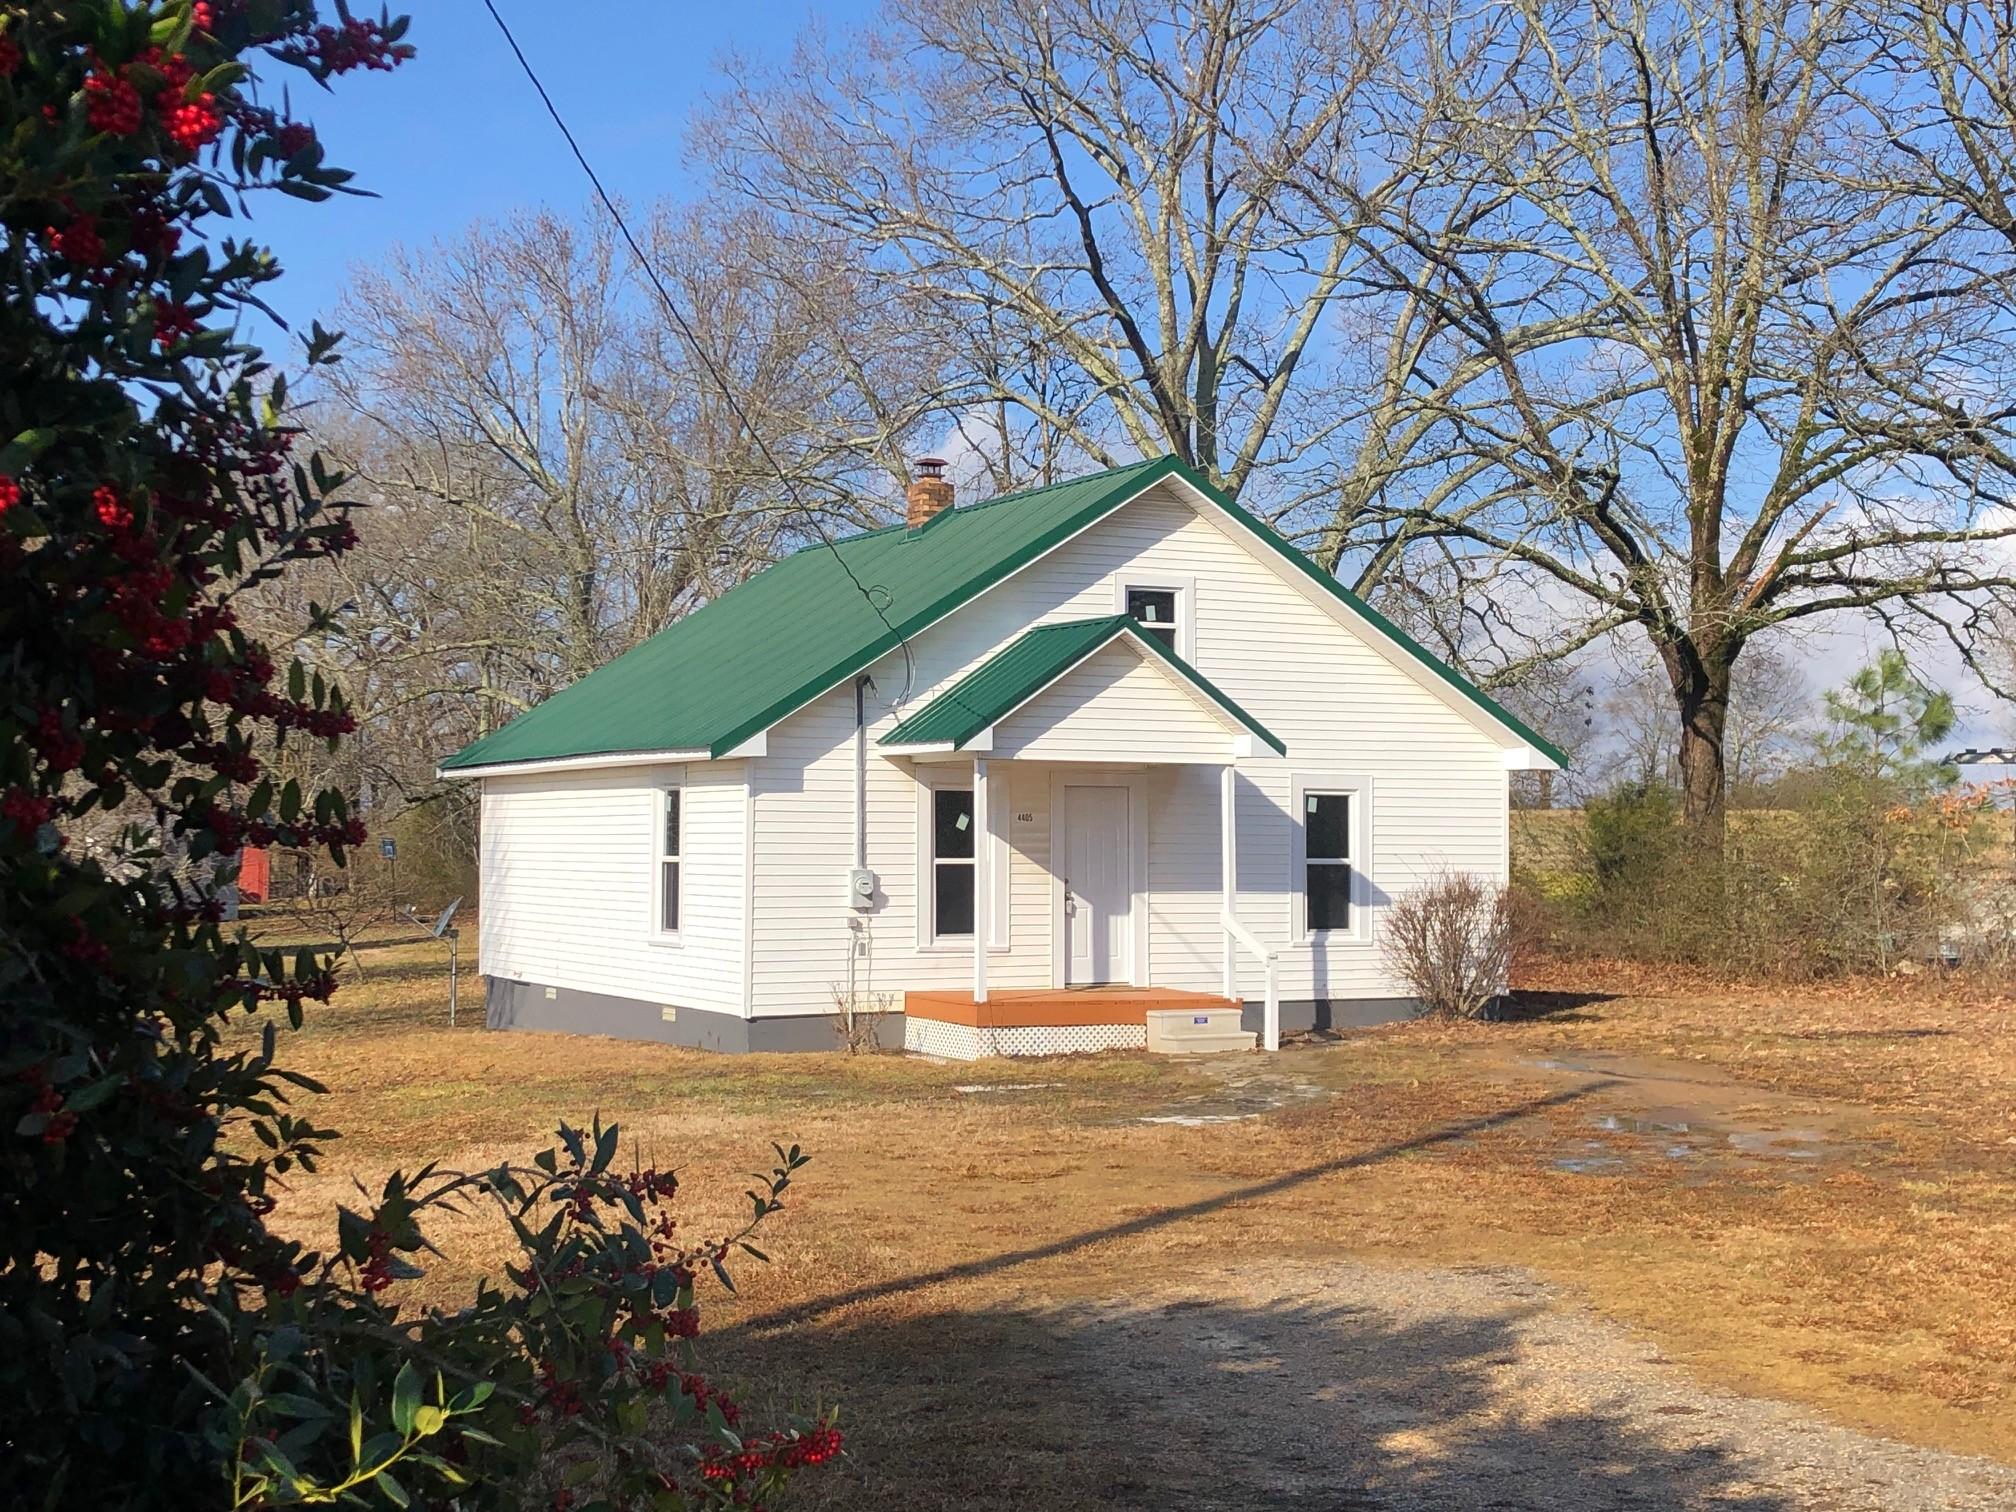 4405 Hwy 43 N Property Photo - Ethridge, TN real estate listing